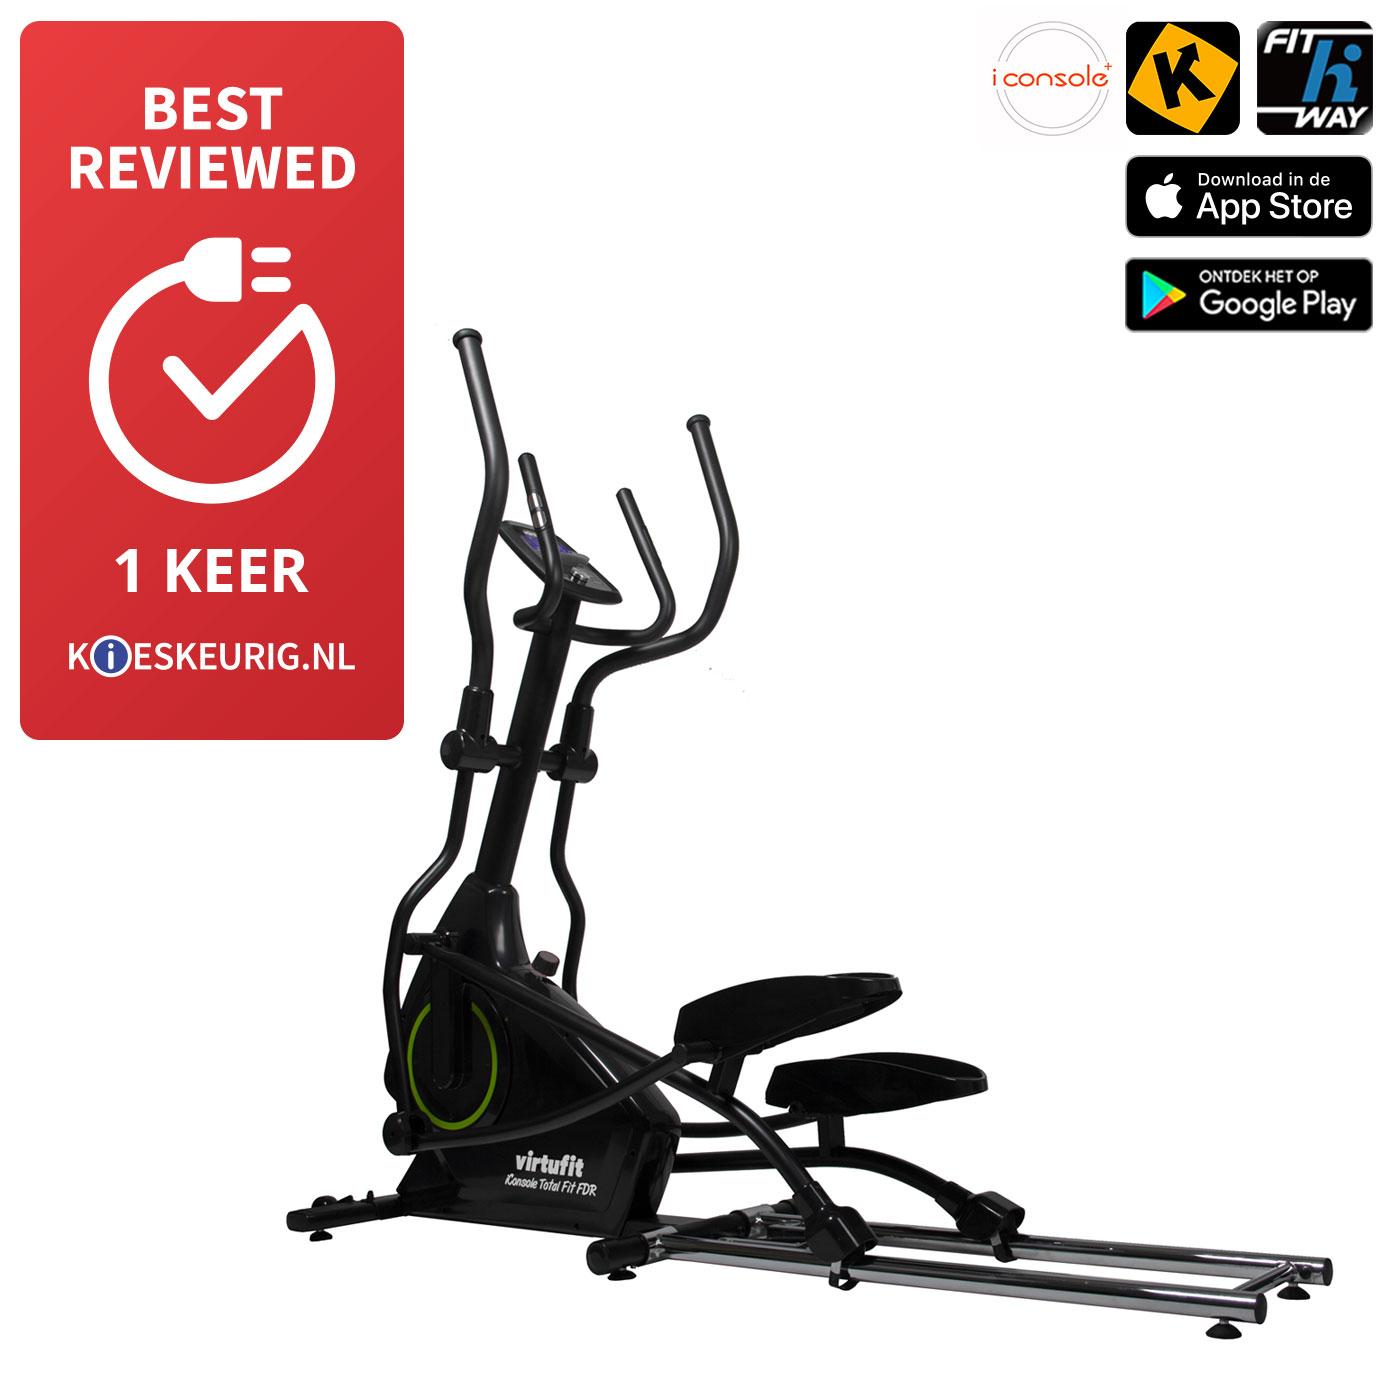 Fitnessapparatuur > Professionele fitnessapparatuur > Professionele Crosstrainers